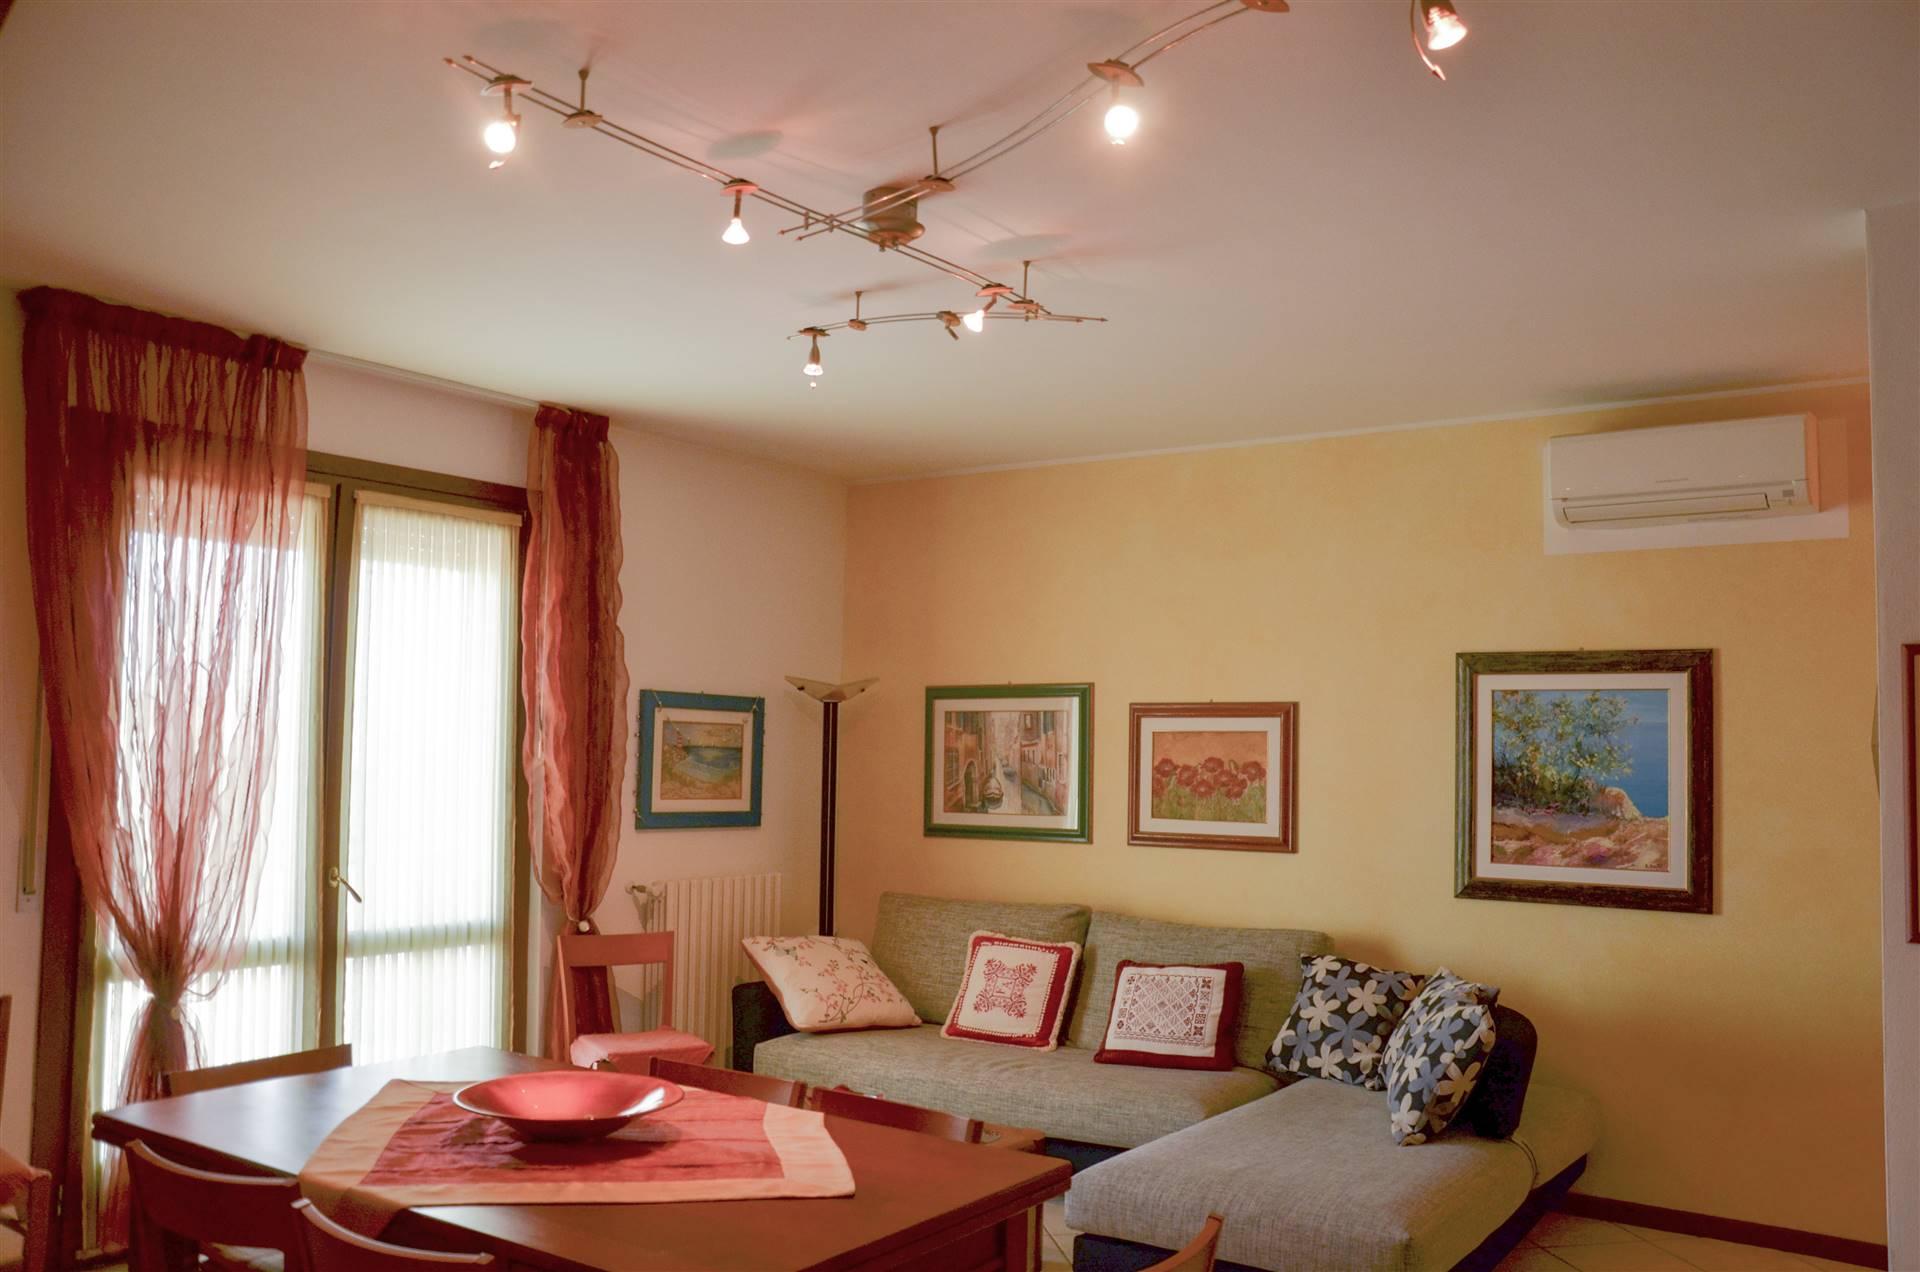 LIDO DI JESOLO, JESOLO, Квартира на продажу из 80 Км, Отличное, Отопление Независимое, Класс энергосбережения: D, на земле 5° на 5, состоит из: 4